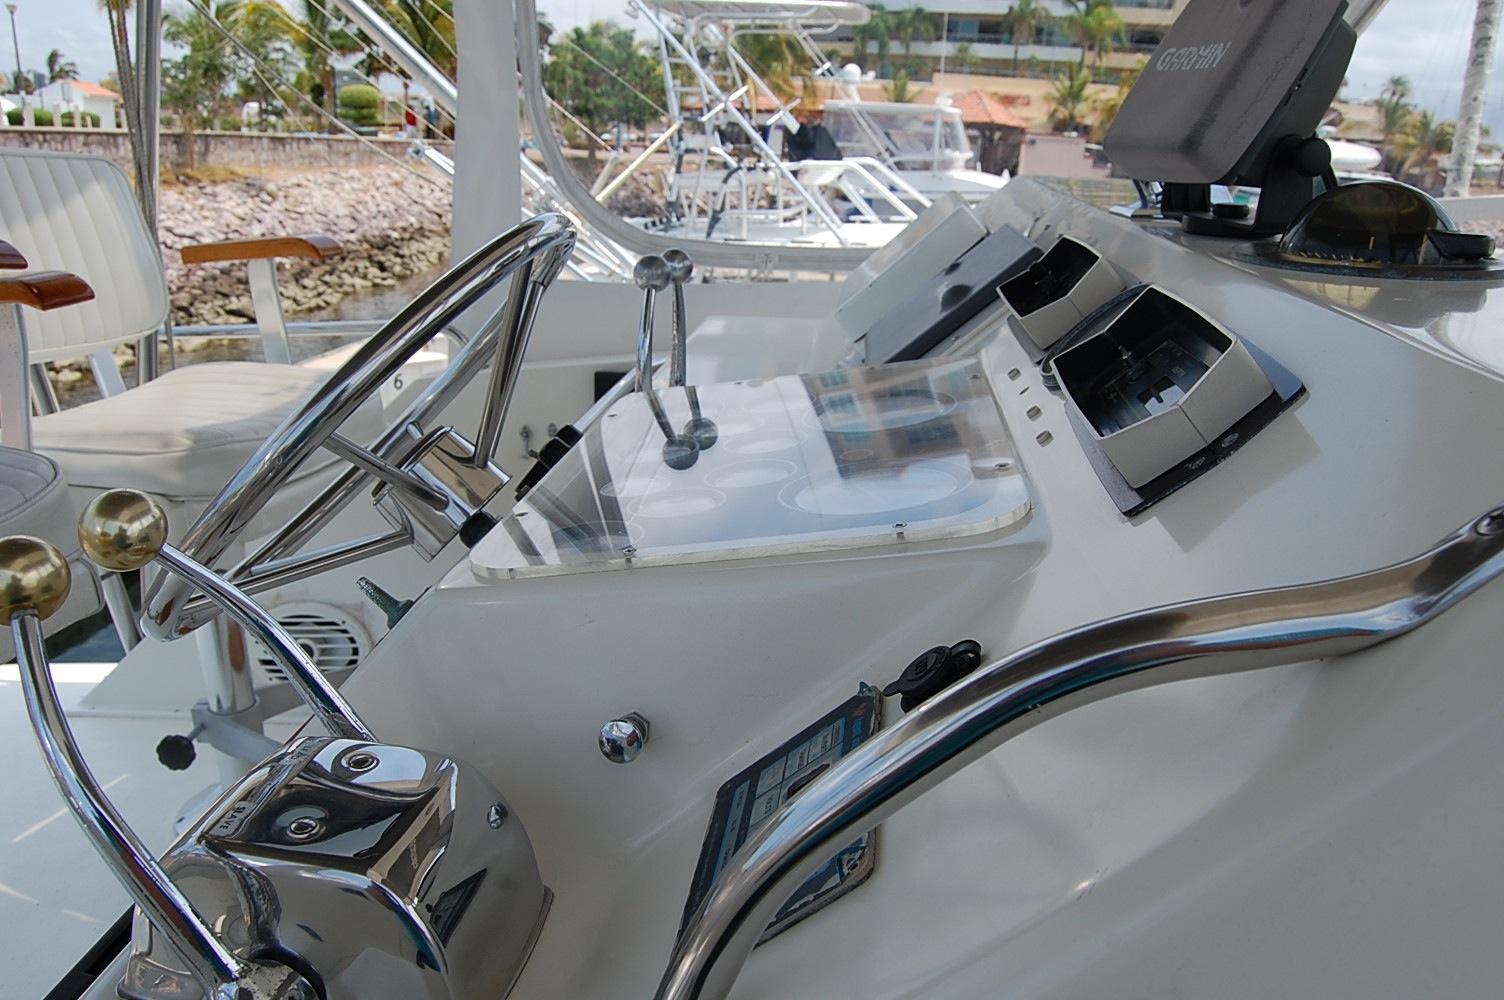 48' Ocean Yachts Super Sport+Storage